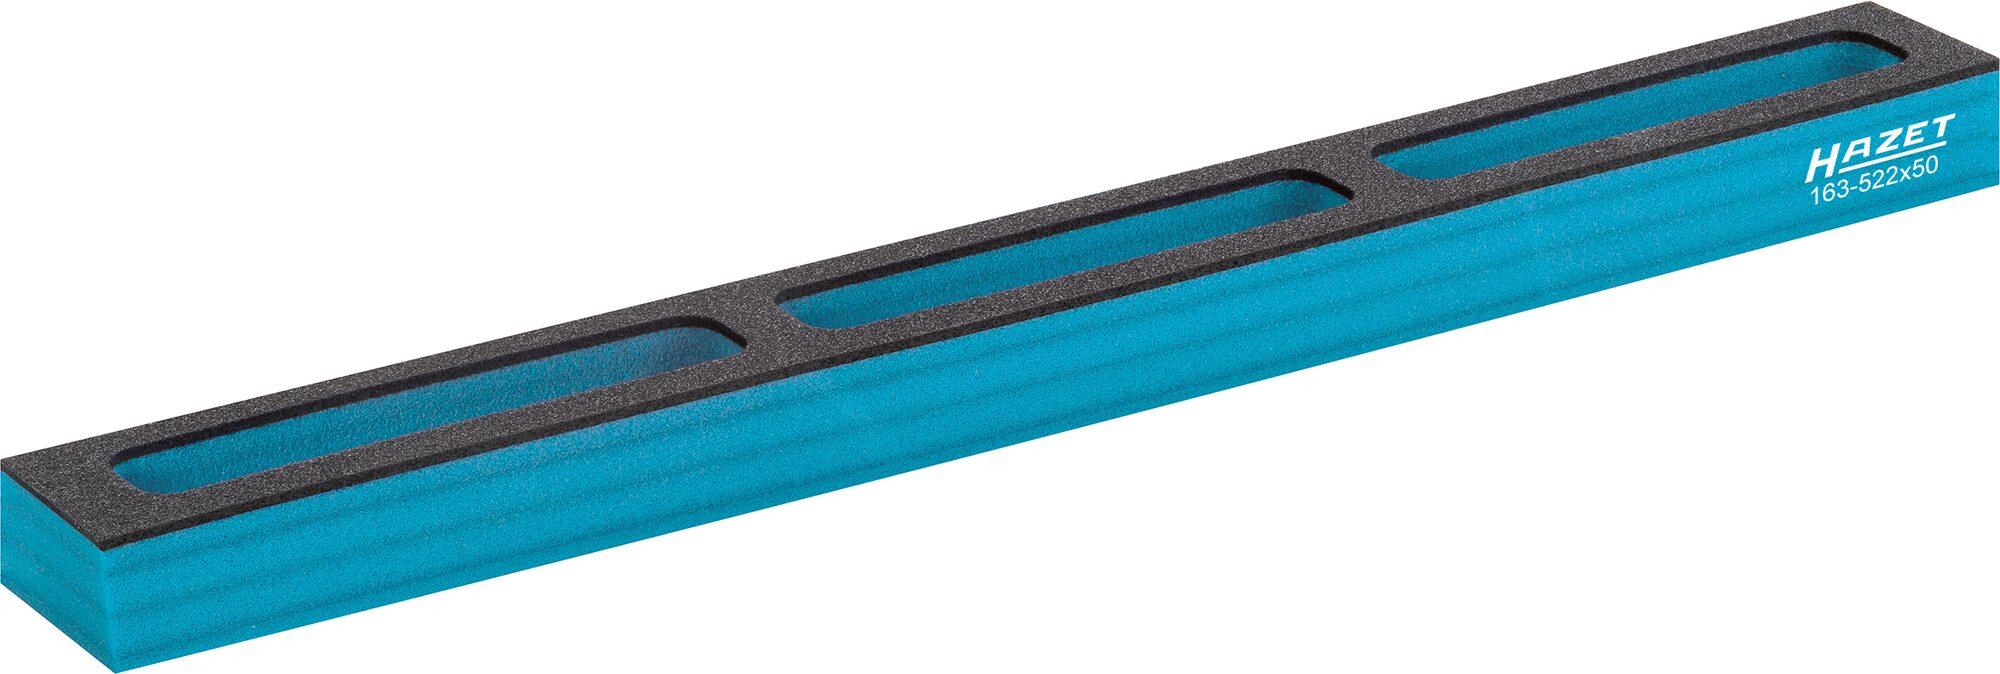 HAZET Weichschaum-Einlage ∙ mit Kleinteilefächern 163-522X50